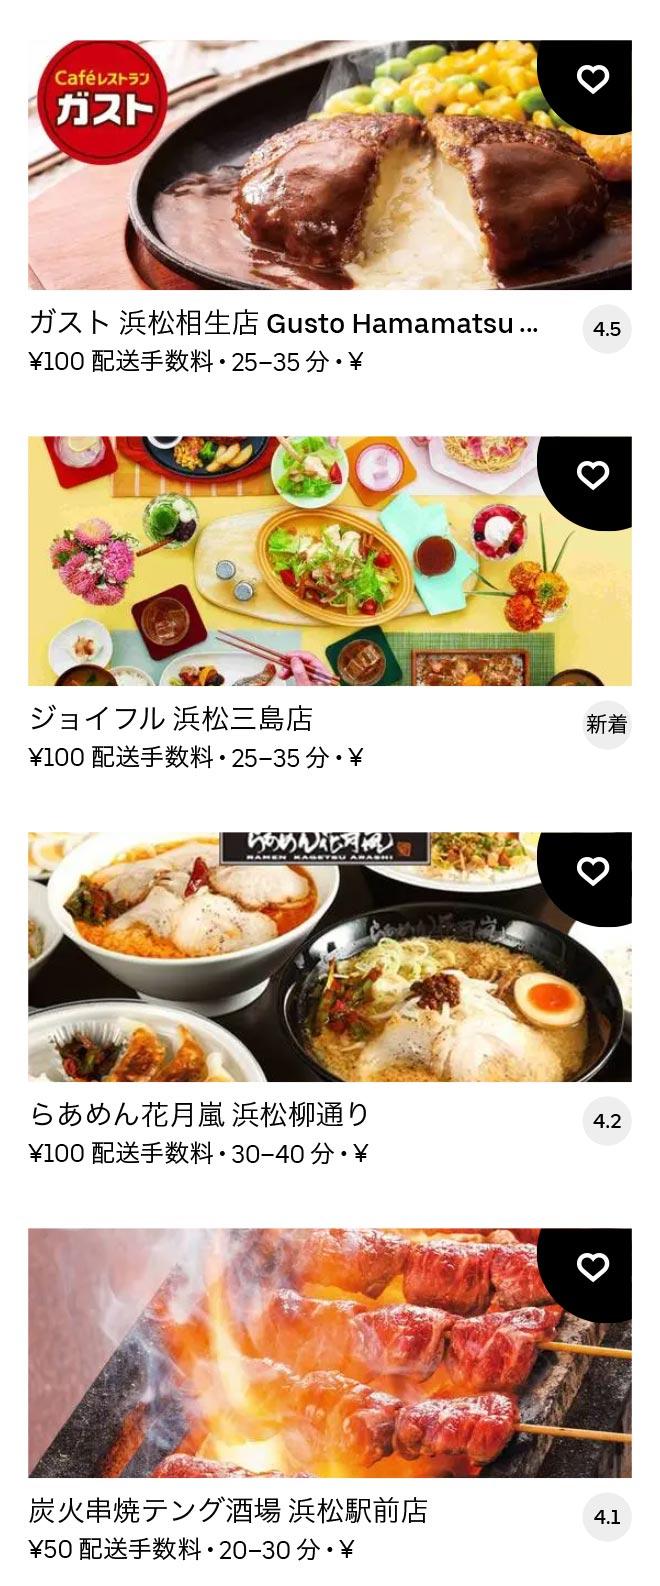 Hamamatsu menu 2011 13